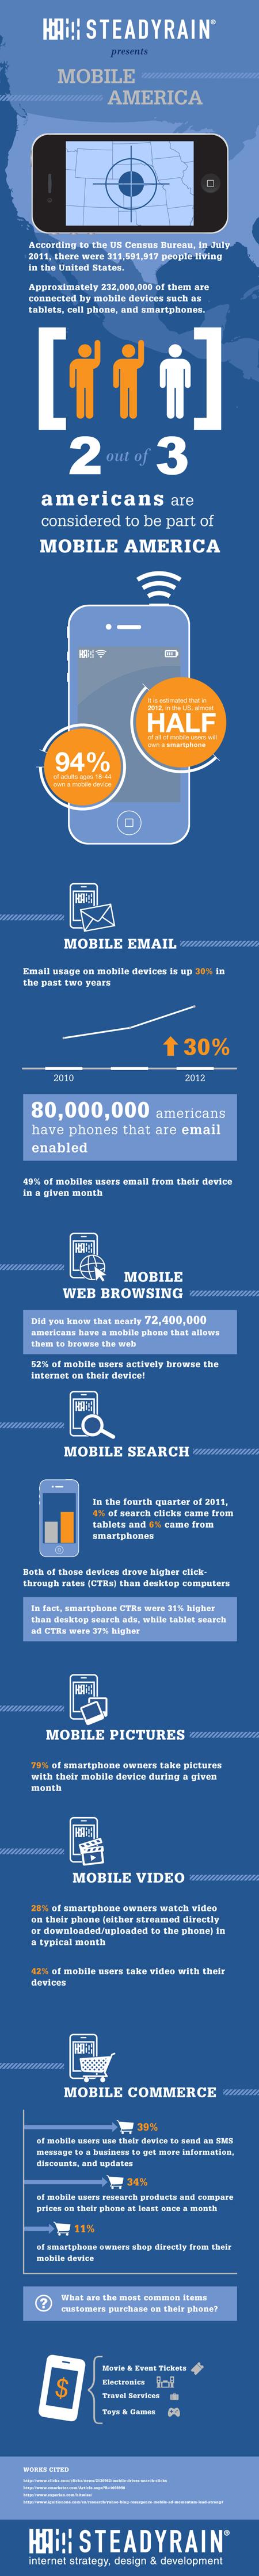 Mobile America